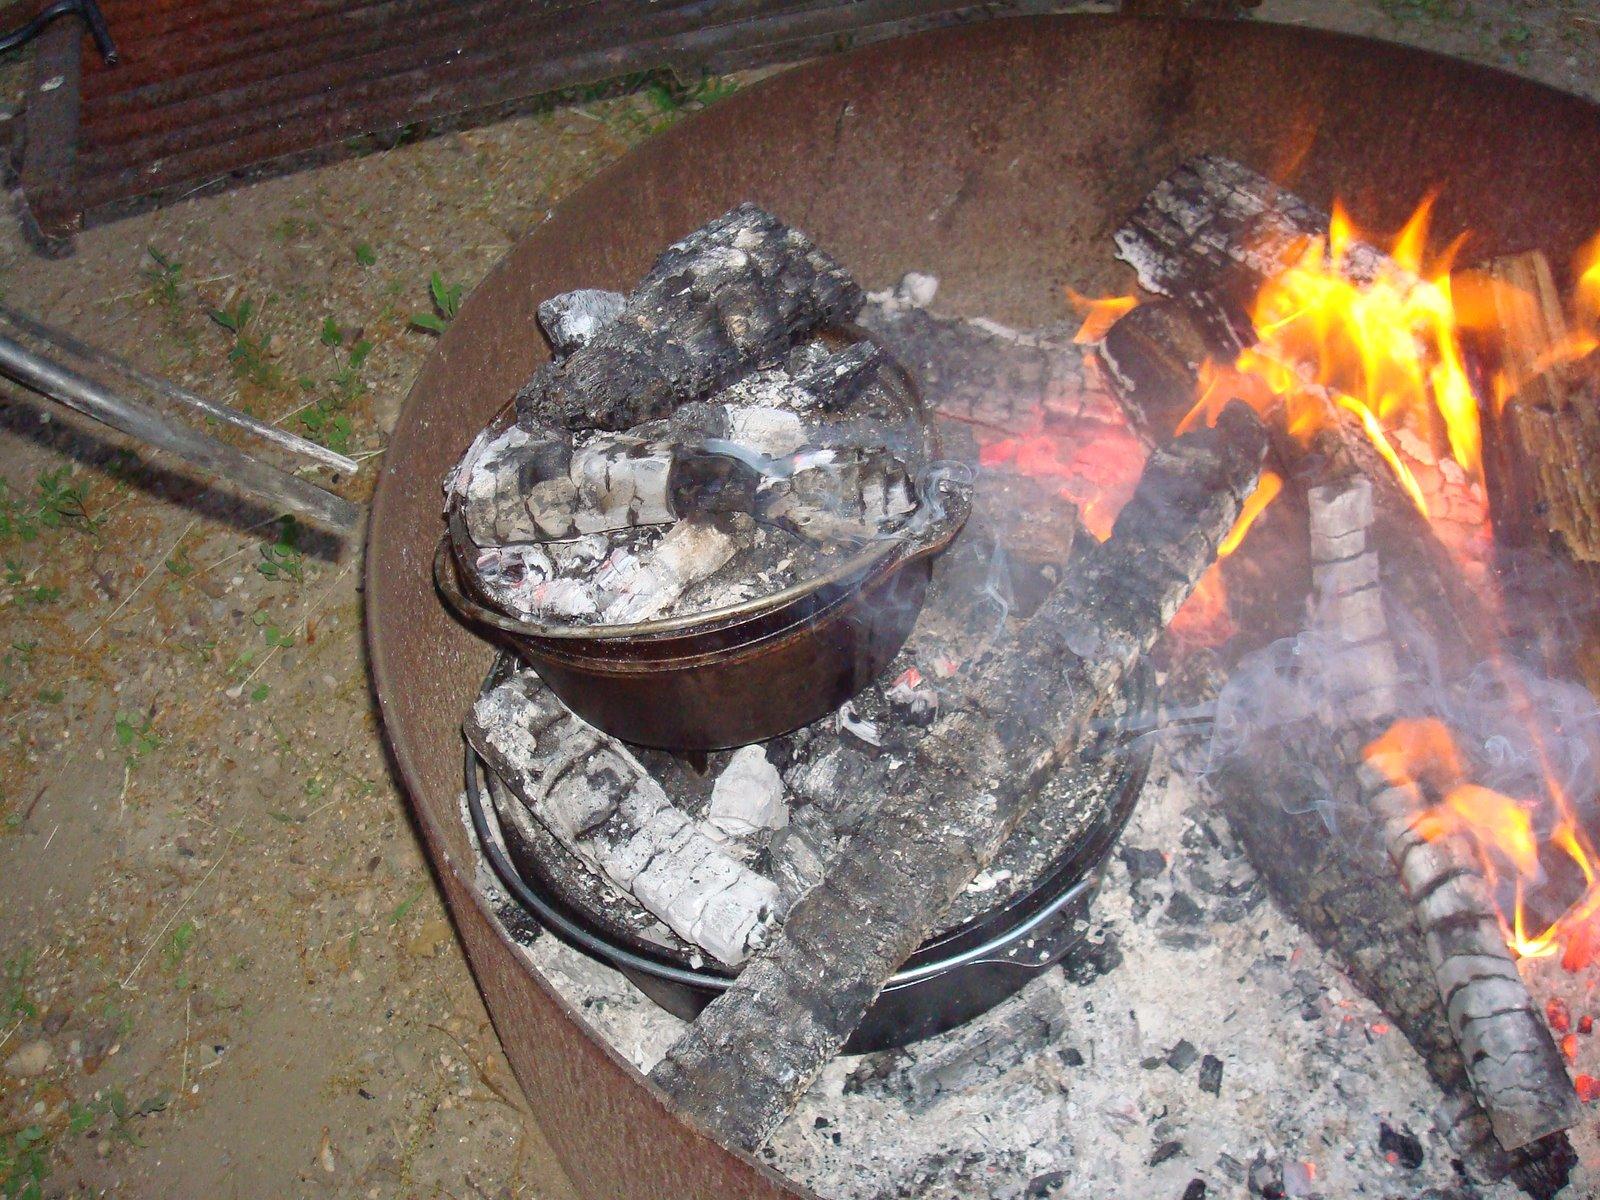 [fire]